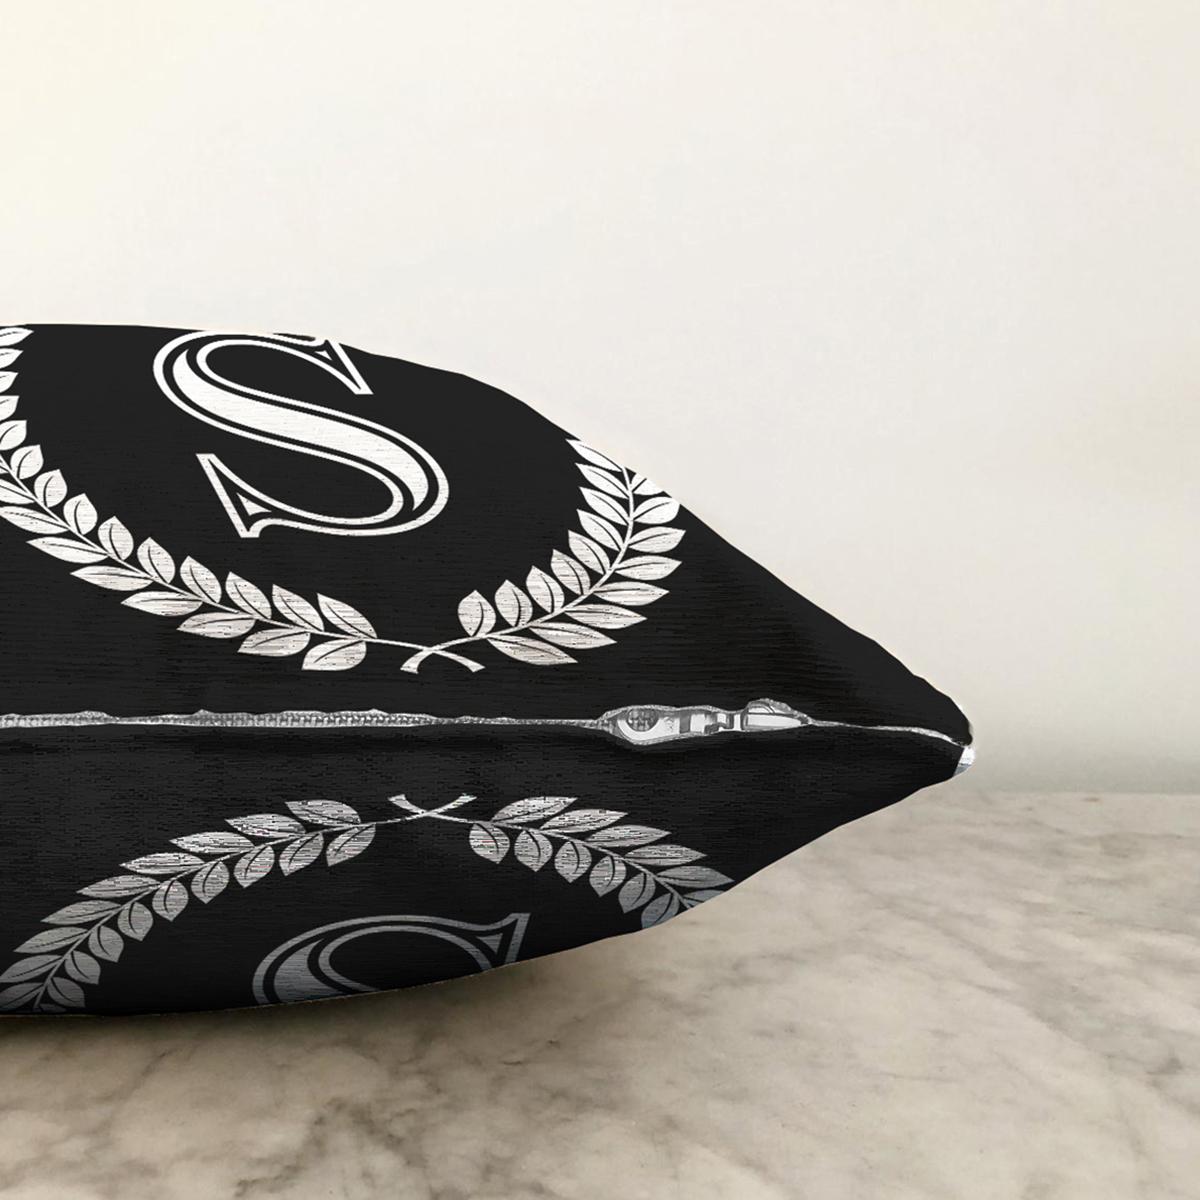 Siyah Beyaz Çelenkli S Harfi Özel Tasarım Dijital Baskılı Şönil Yastık Kırlent Kılıfı Realhomes